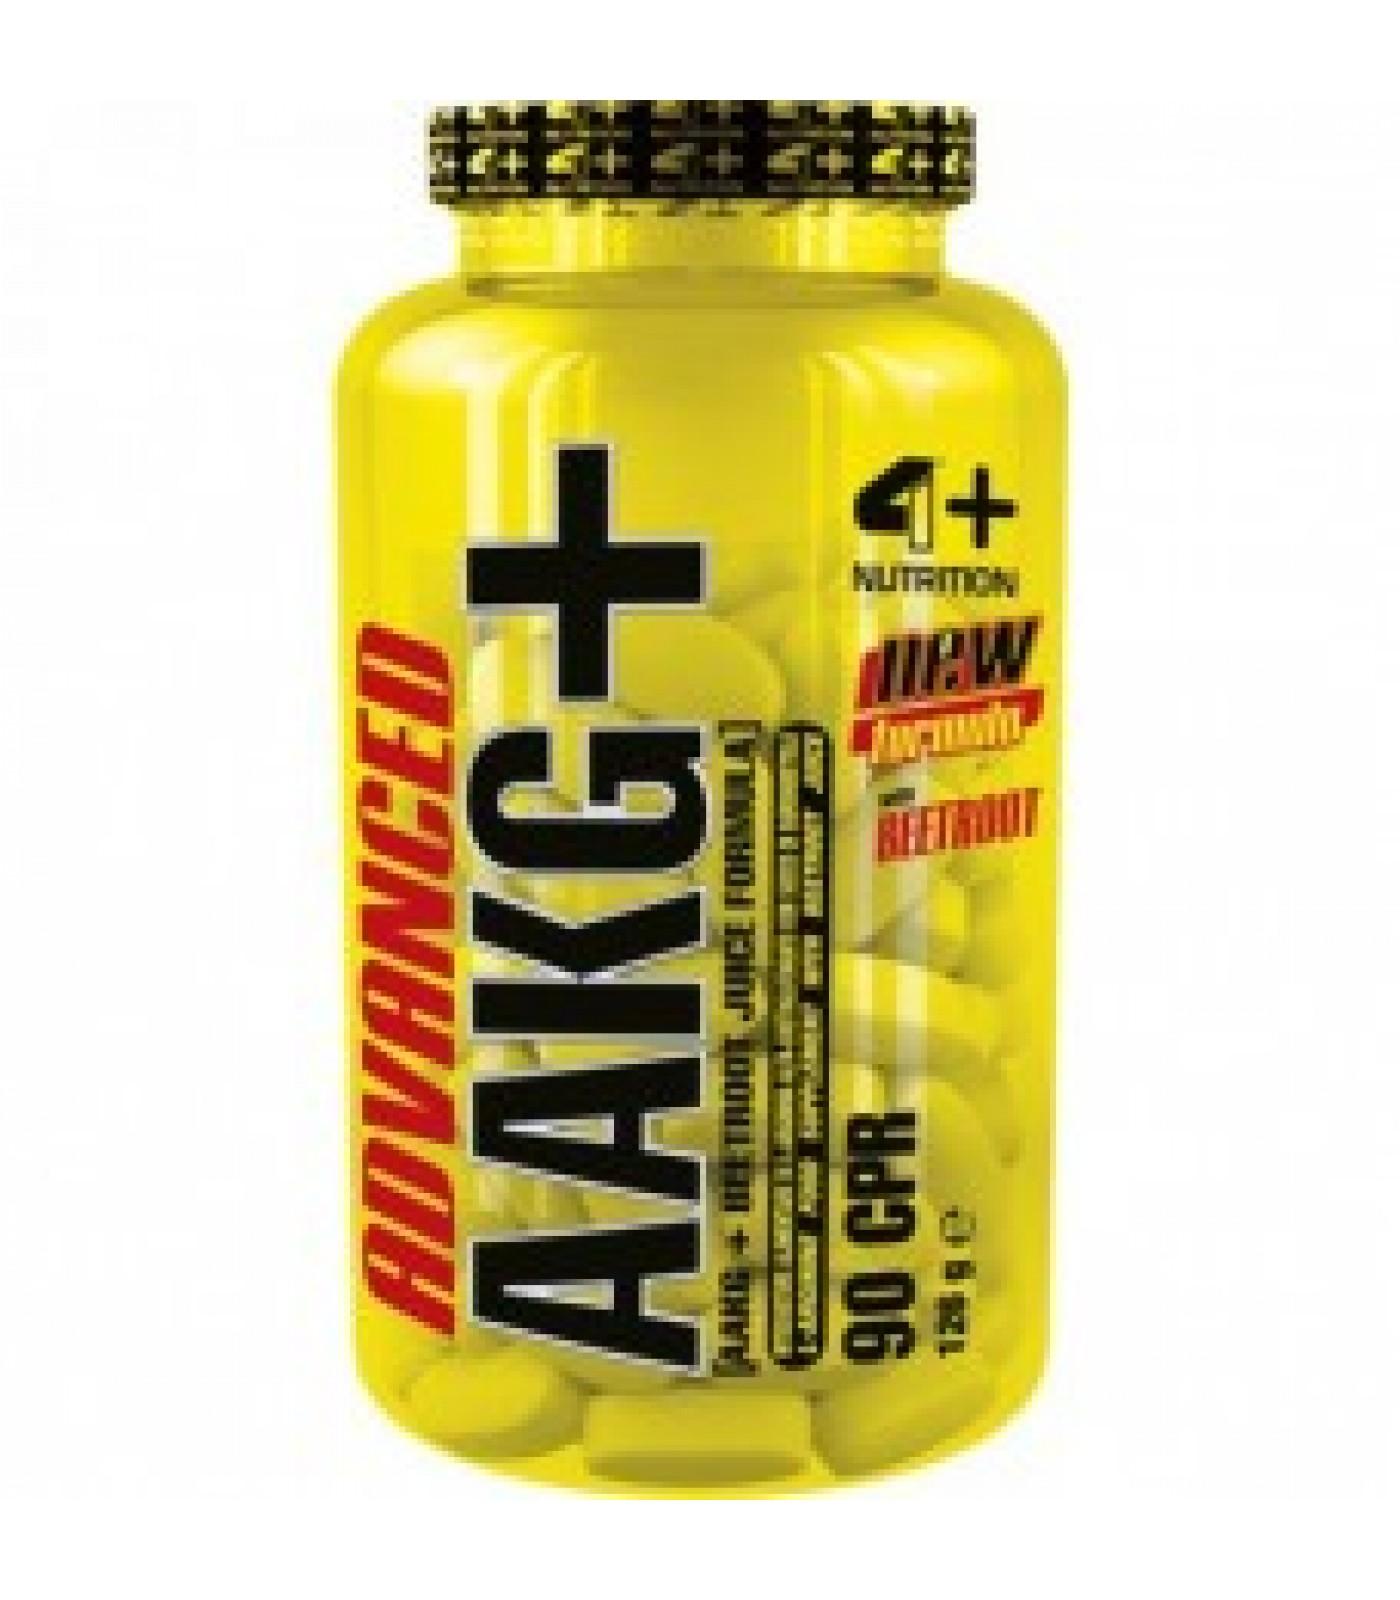 4+ Nutrition AAKG+ 90 табл.